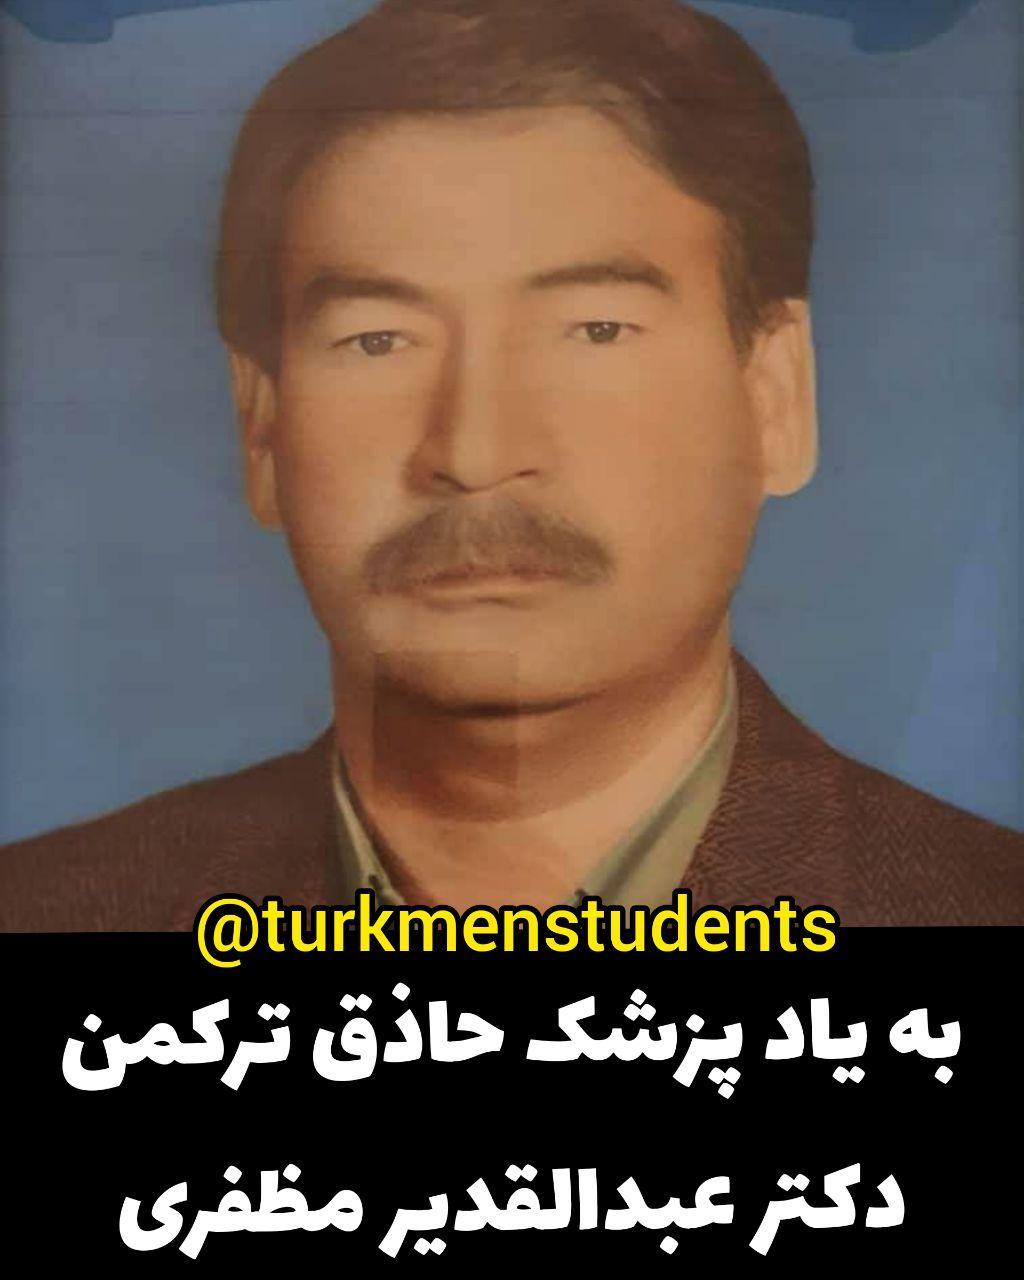 به یاد پزشک حاذق ترکمن، دکتر عبدالقدیر مظفری